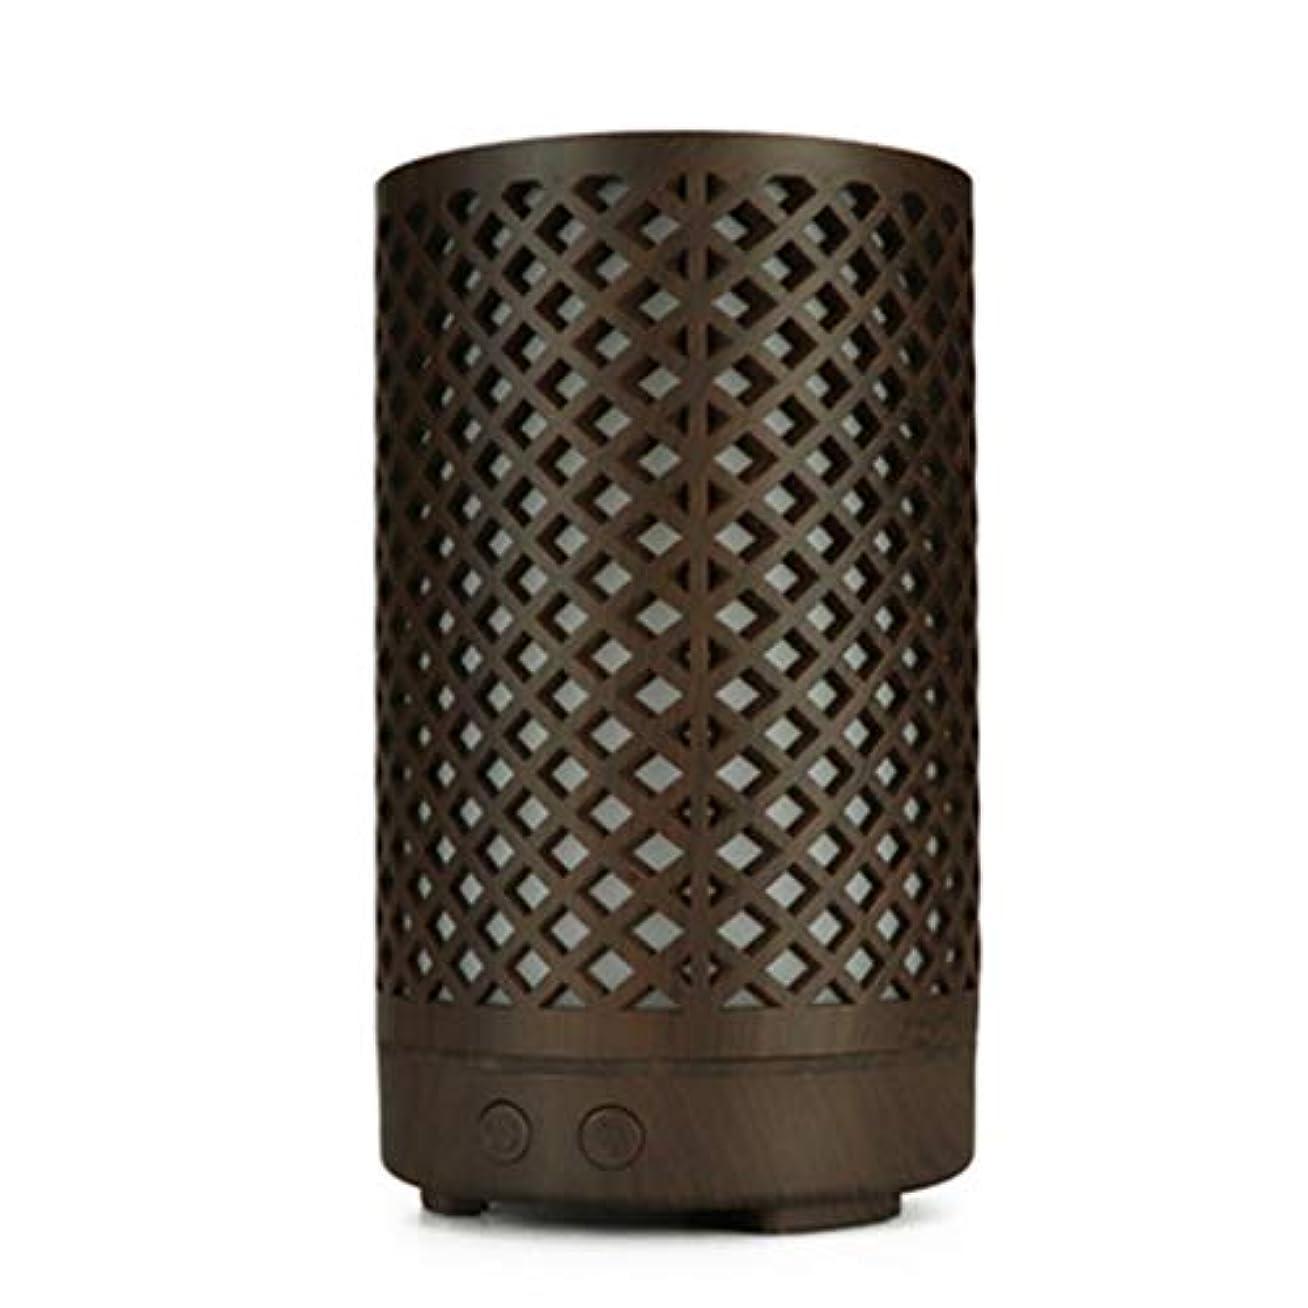 噴出するパネル海軍木目加湿器家庭用100ミリリットルミニデスクトップカラフルなアロマテラピーマシン (Color : Dark wood grain)